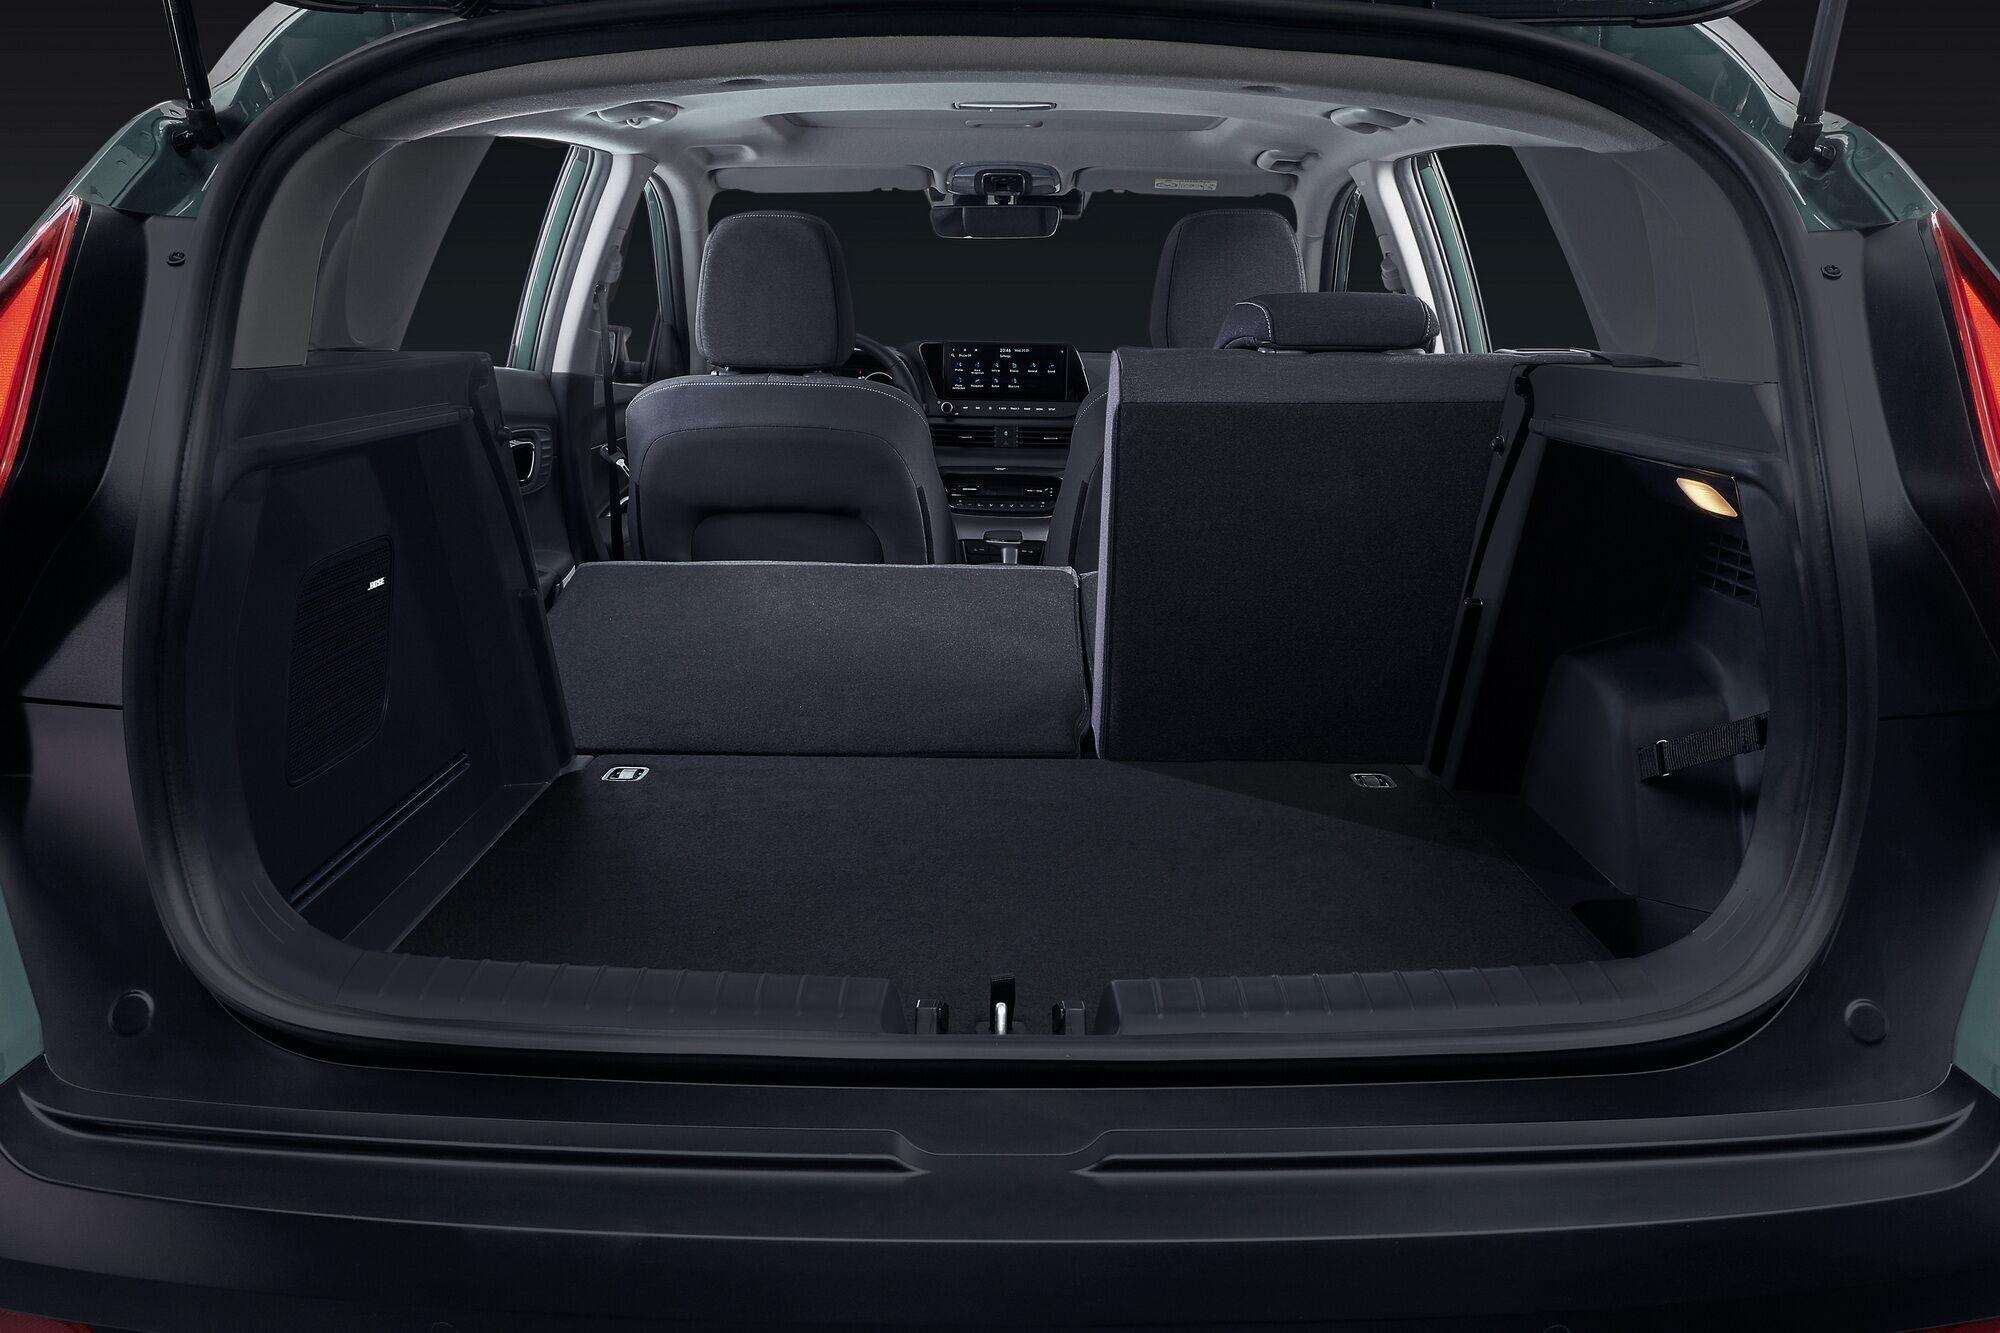 Автомобиль получил вместительный багажник, размеры которого можно увеличить, если сложить частично или полностью спинку заднего дивана.